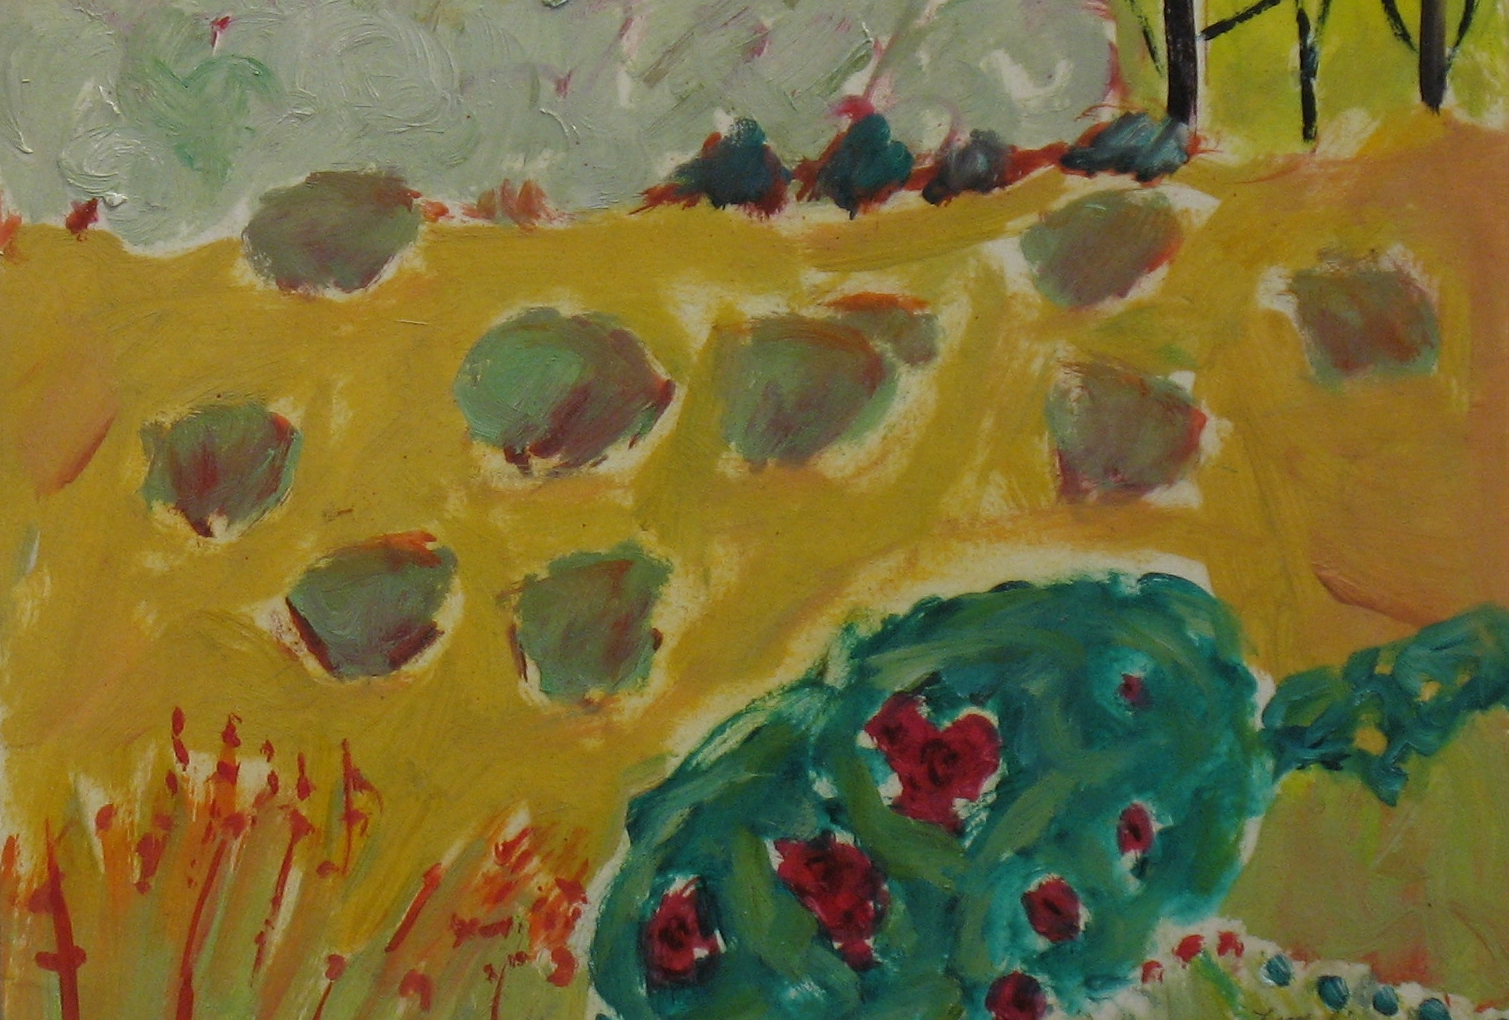 2.Oliander Bush oil on paper board (7x12).jpg